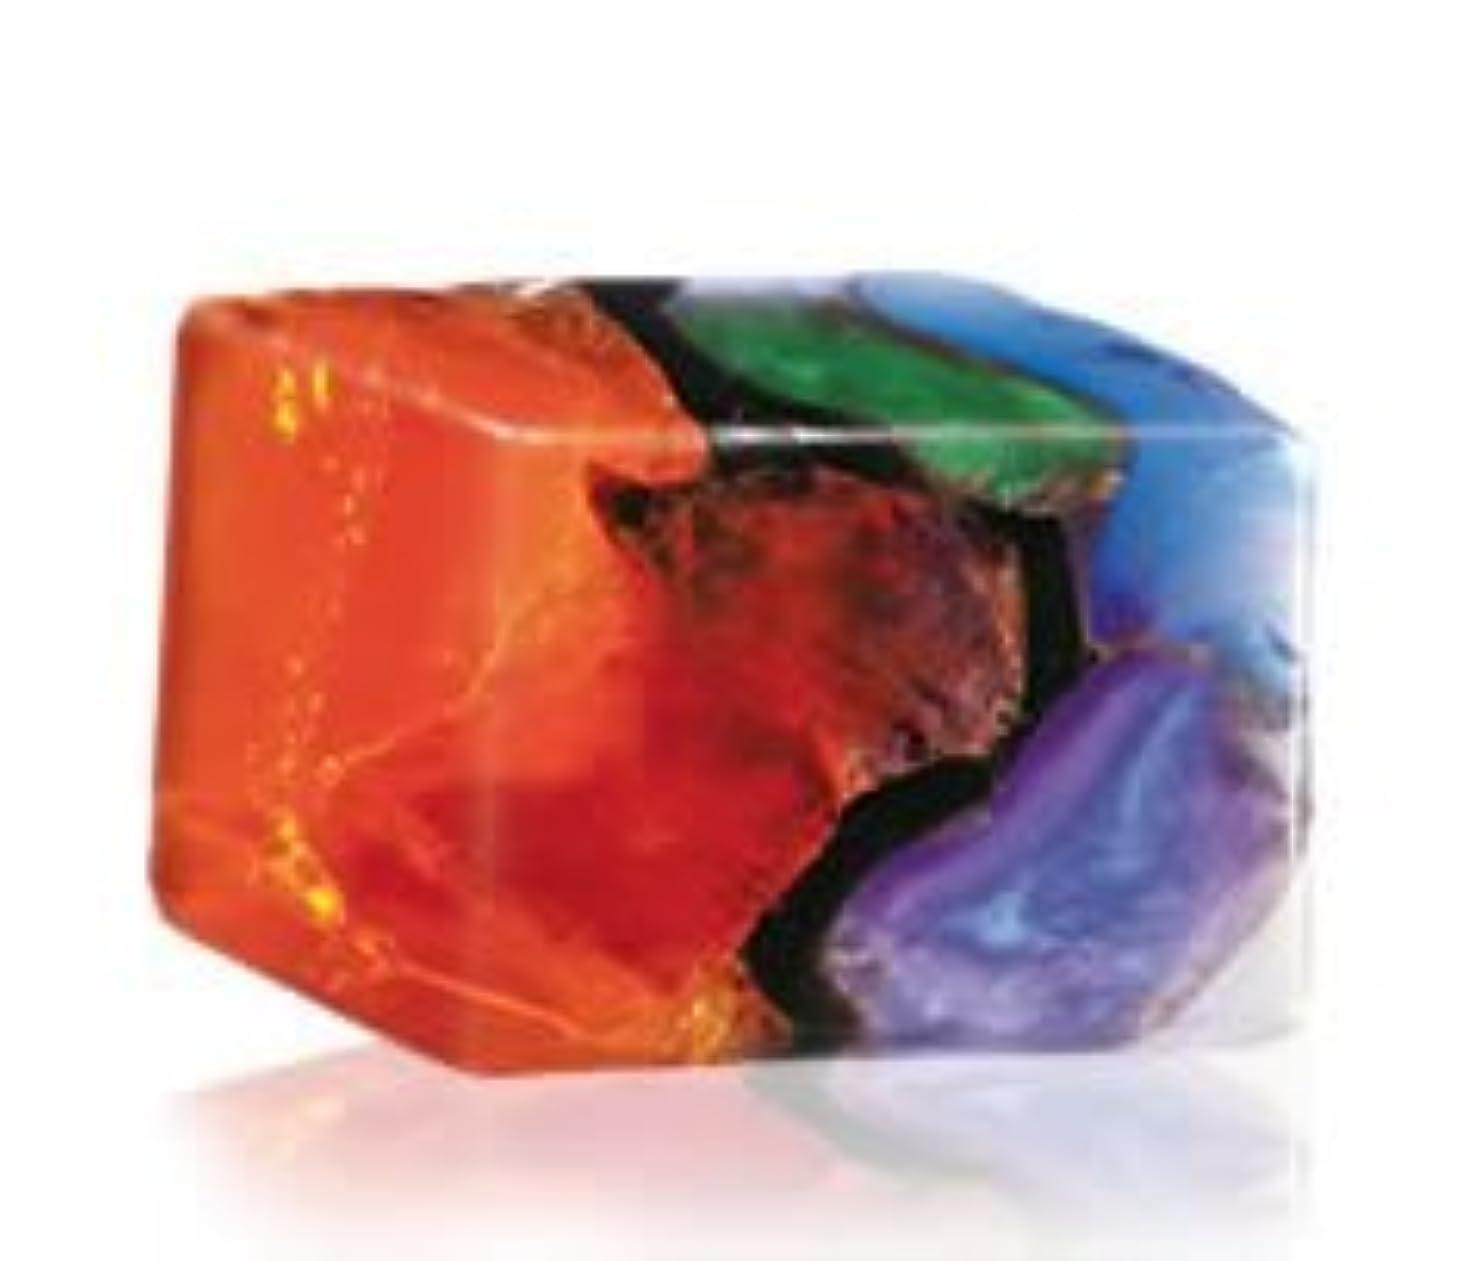 改革見捨てられた謎めいたSavons Gemme サボンジェム 世界で一番美しい宝石石鹸 フレグランスソープ ファイアオパール 170g【日本総代理店品】